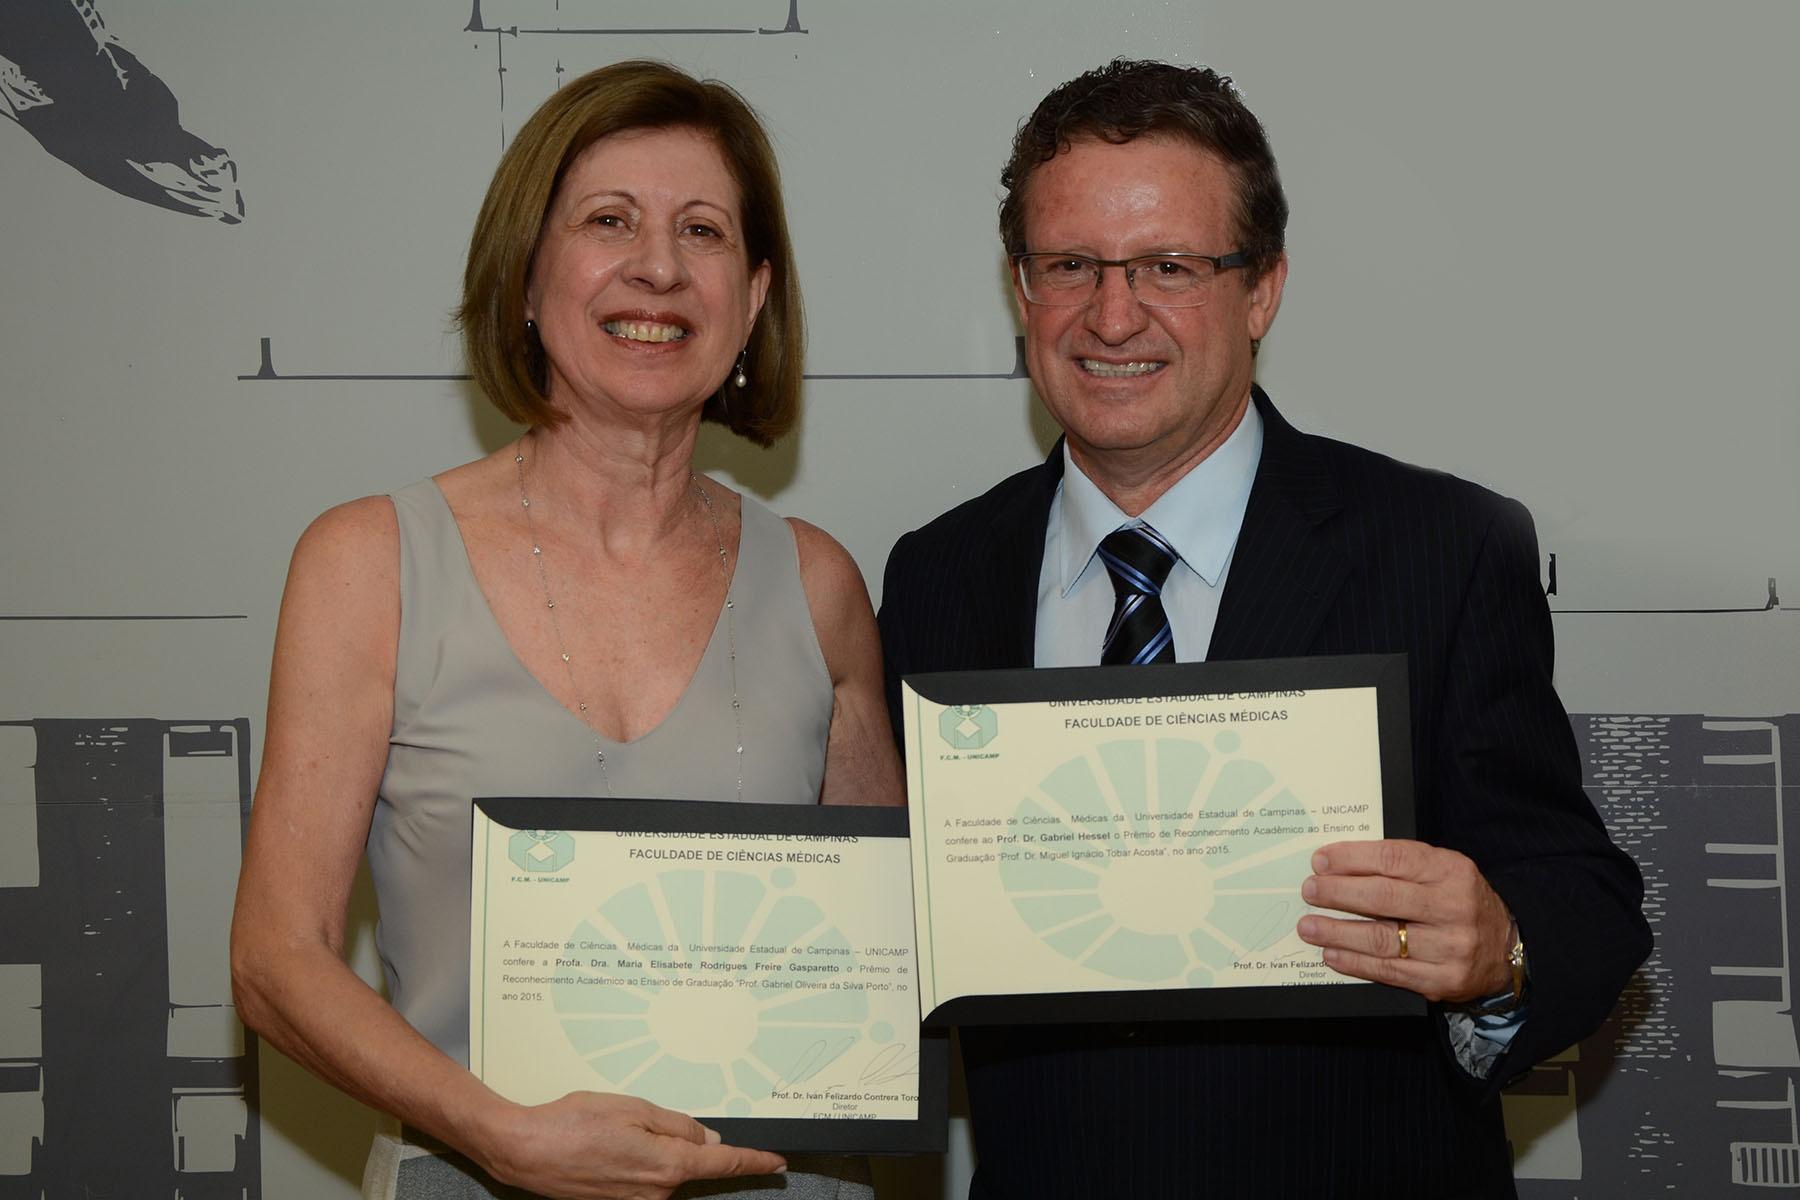 Elisabete Gasparetto e Gabriel Hessel. Foto: Mario Moreira. CADCC-FCM/Unicamp